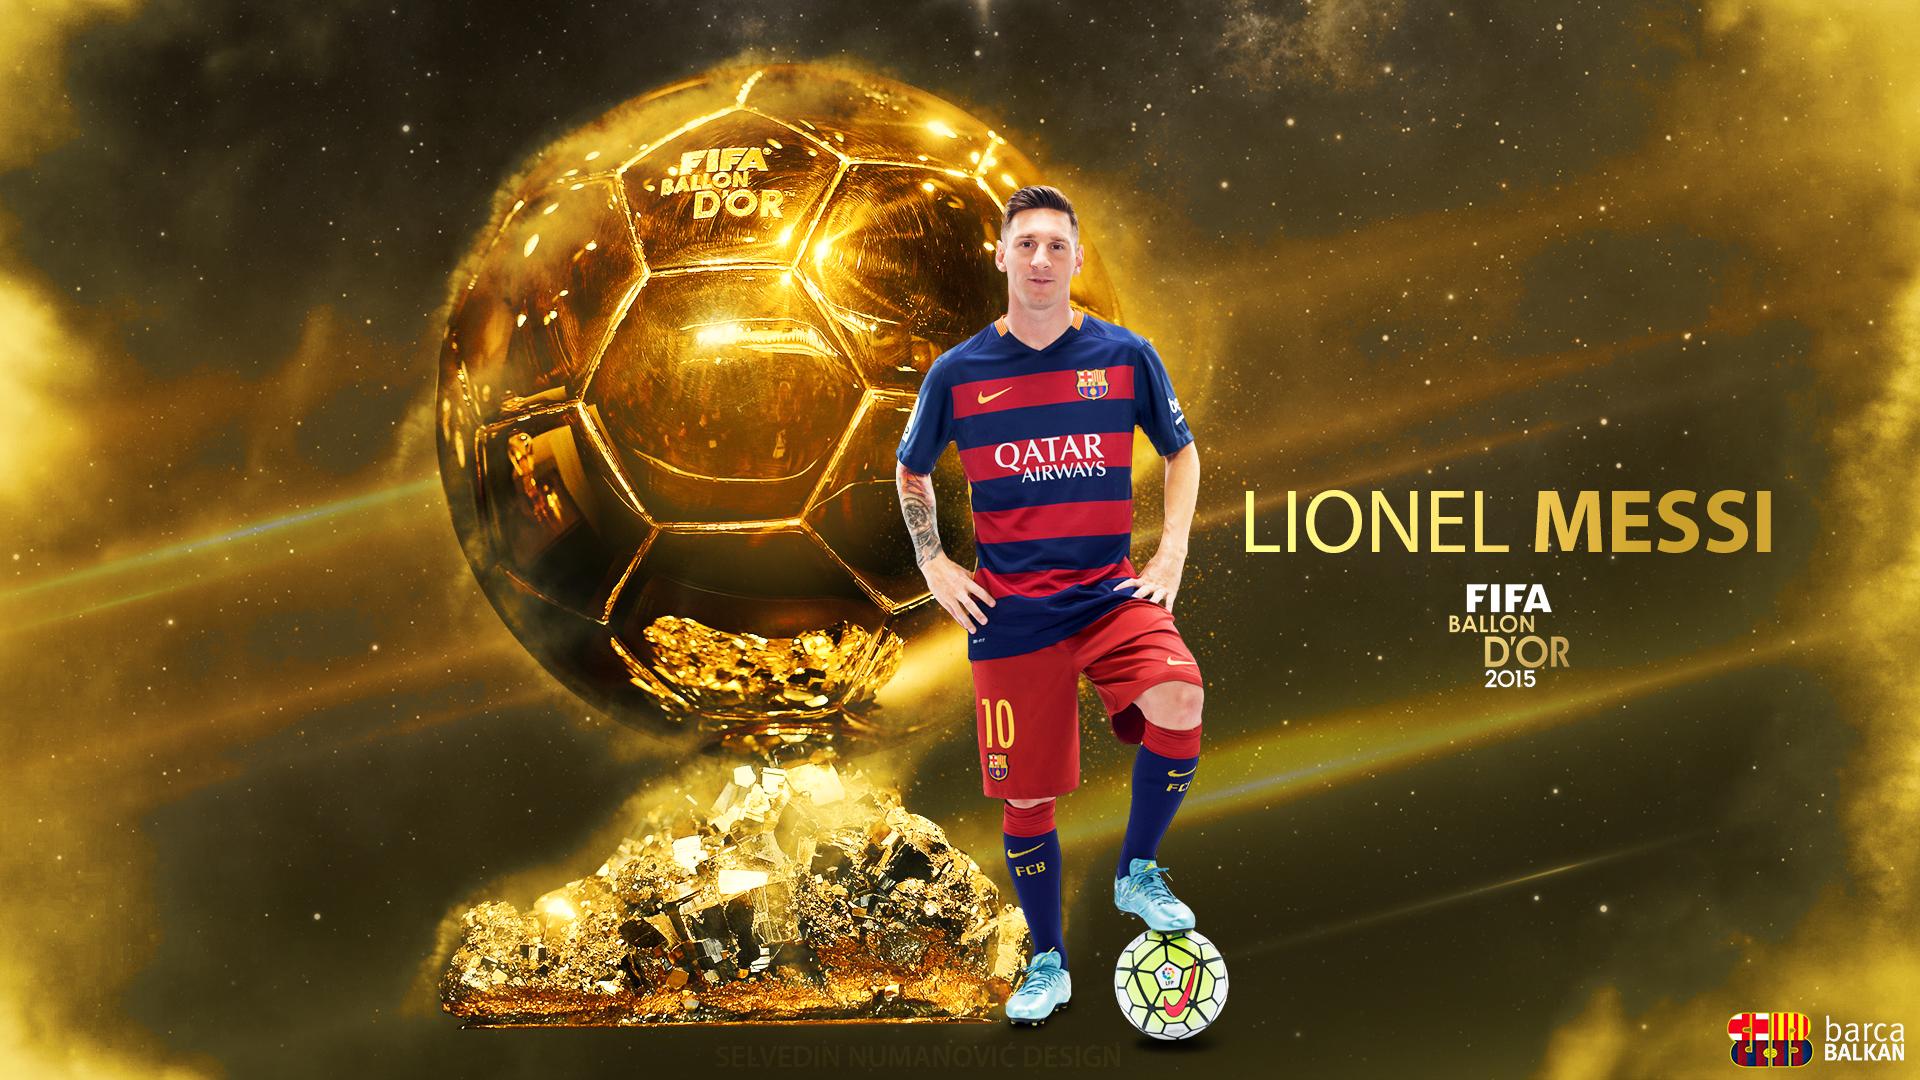 Lionel Messi FIFA Ballon dOr 2015 HD wallpaper by 1920x1080